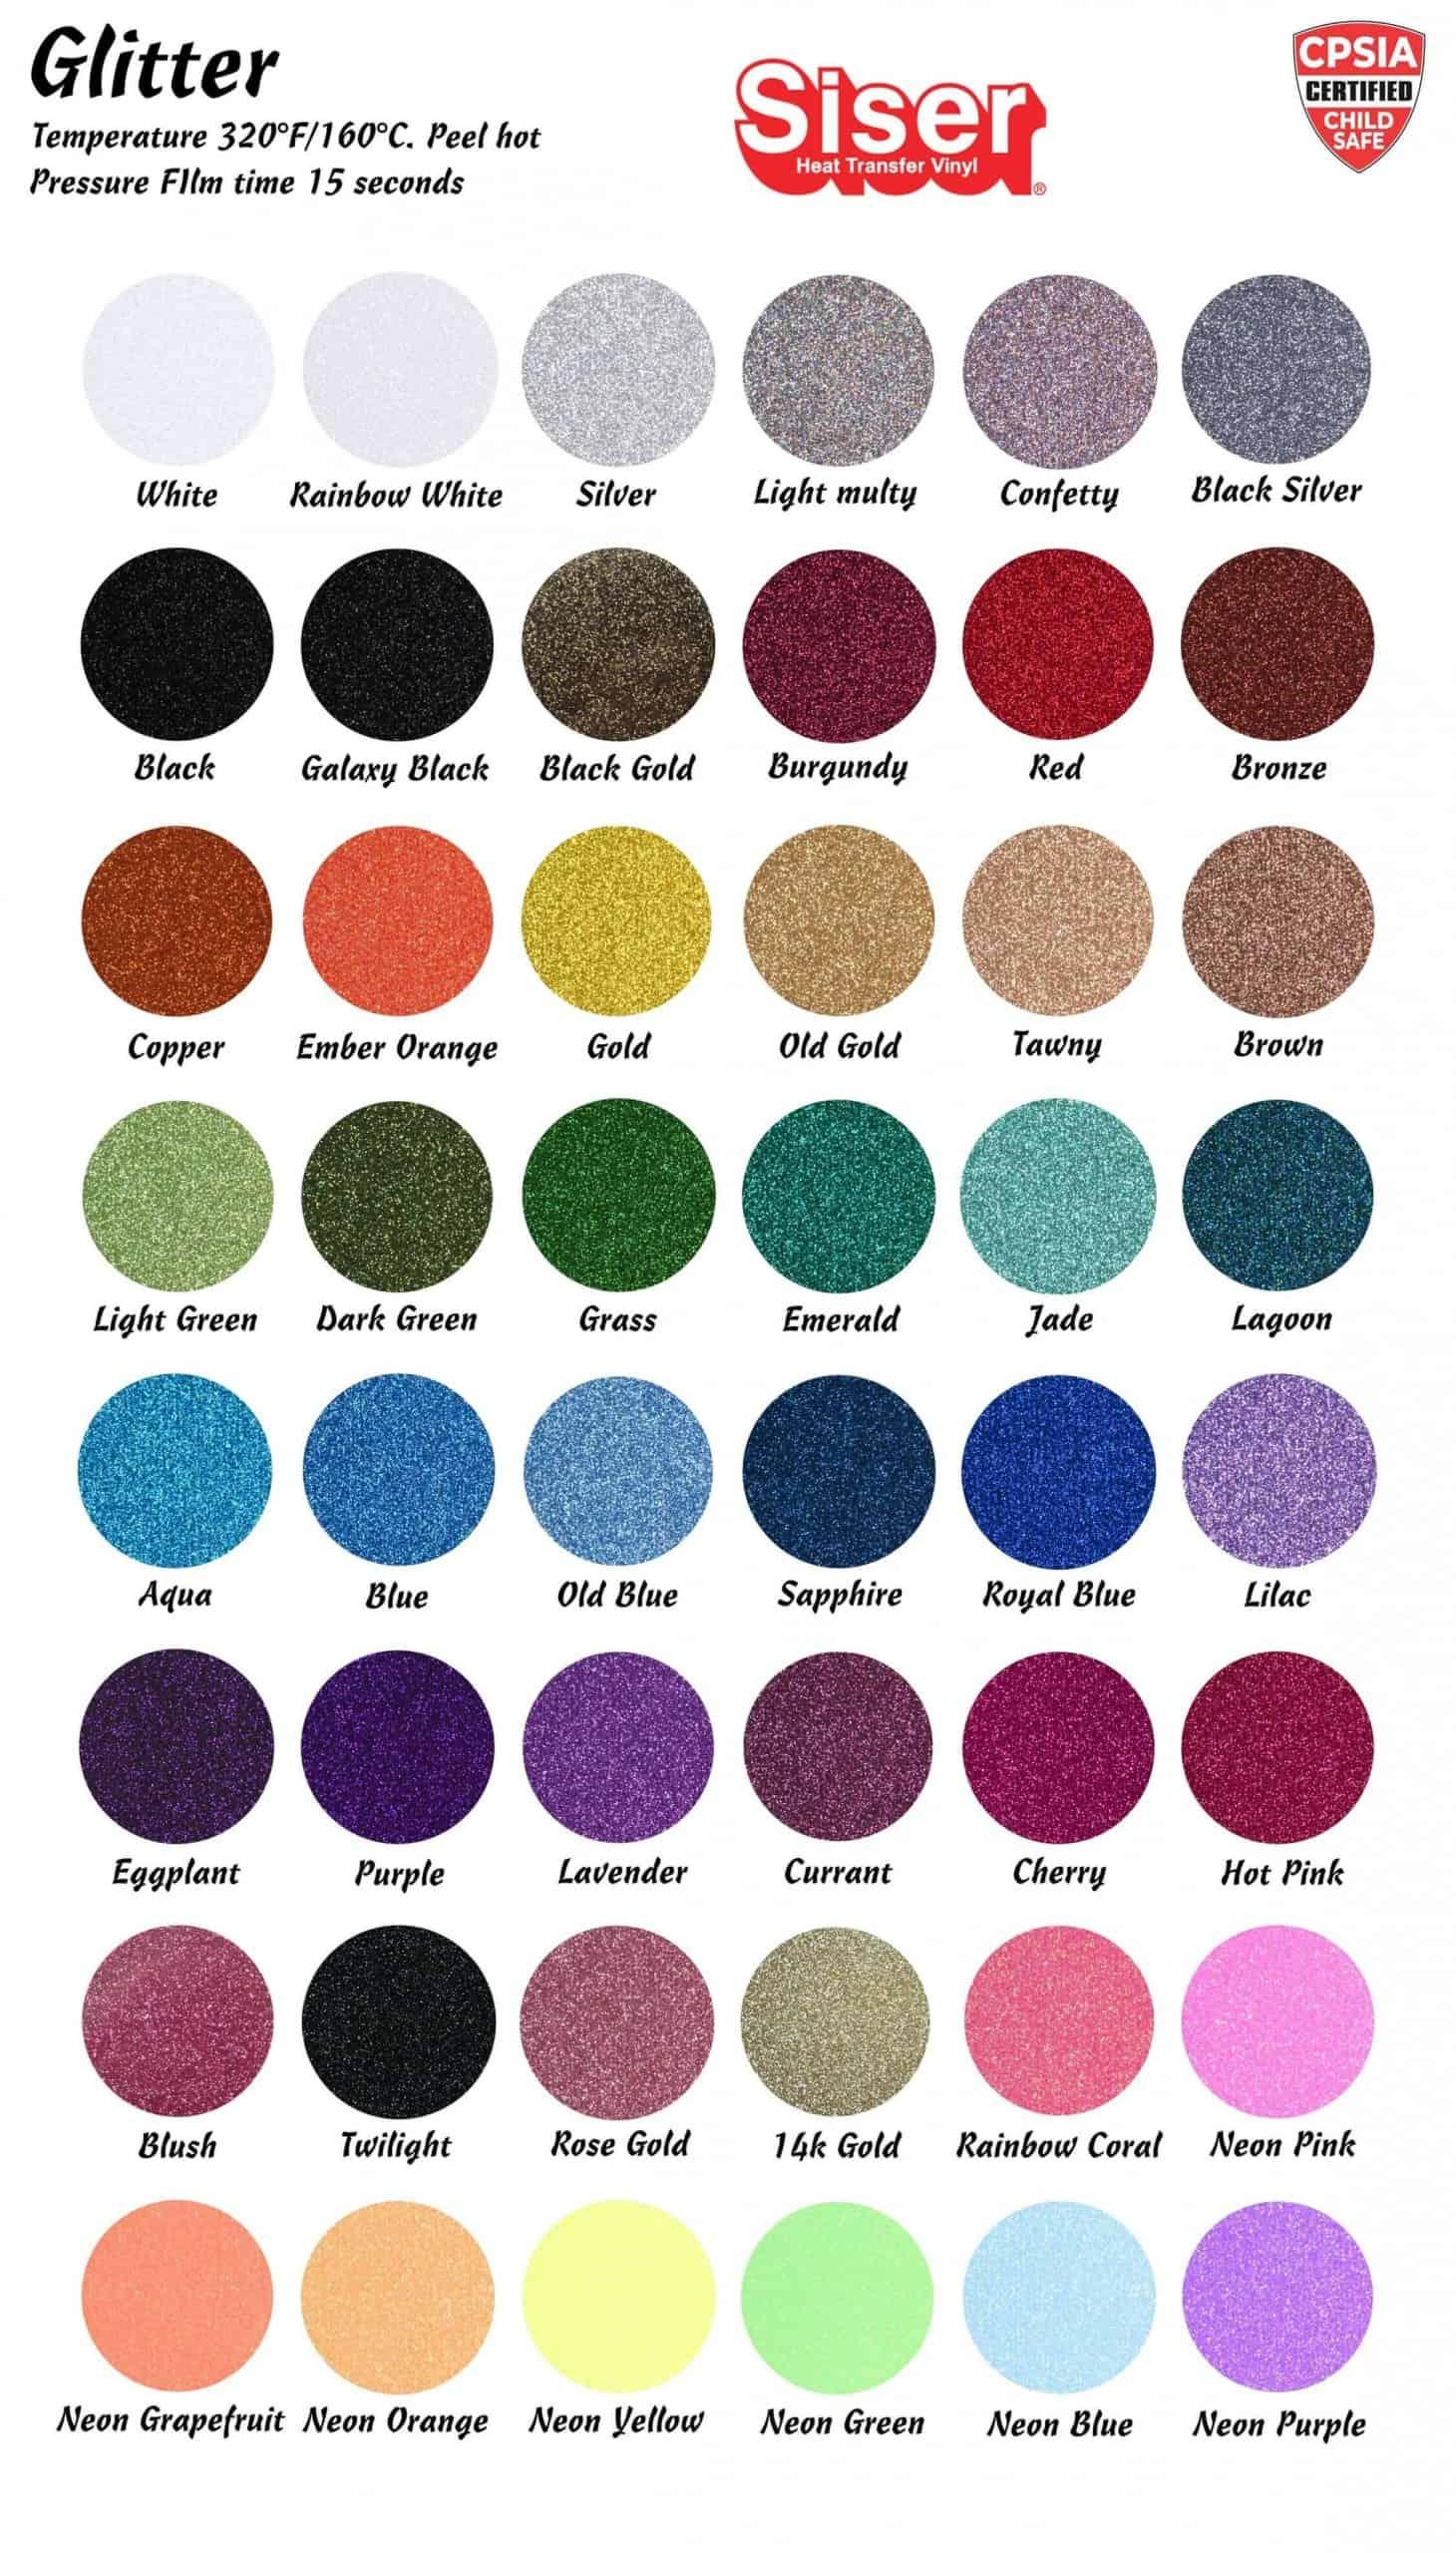 Siser Moda Glitter Color Chart 2021